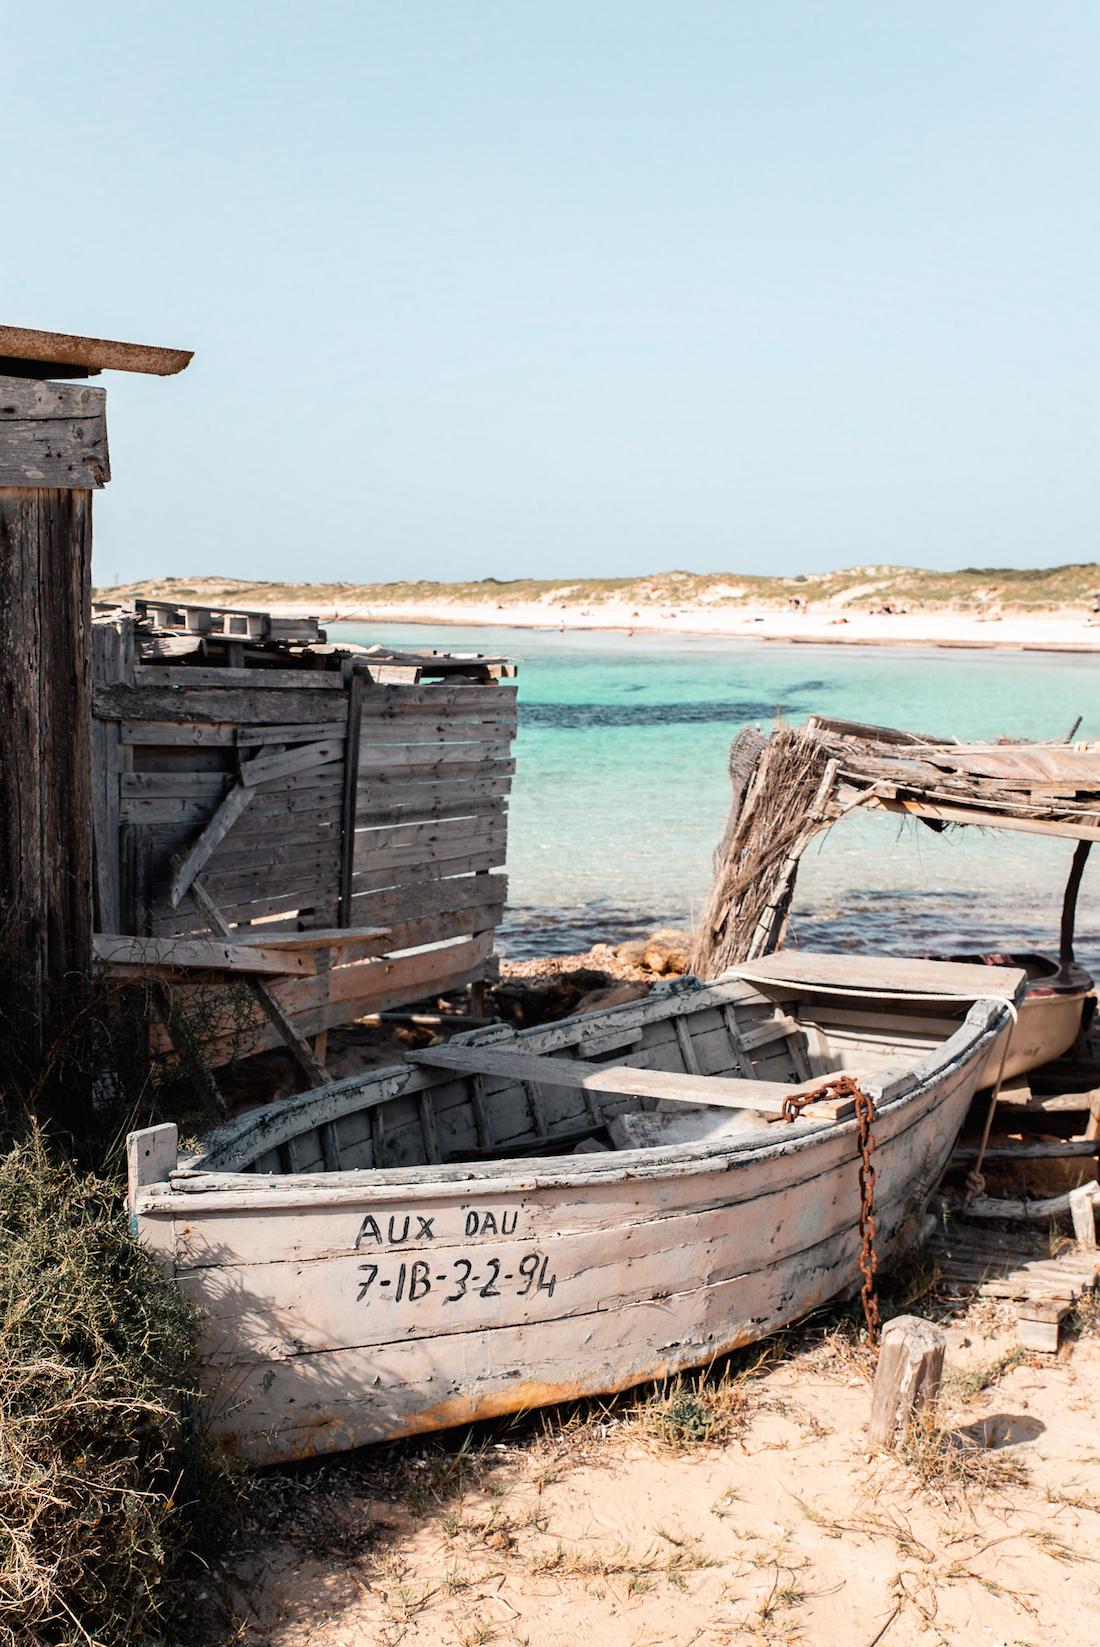 Playa Des Illettes, Formentera - Travel Guide by Ben Holbrook